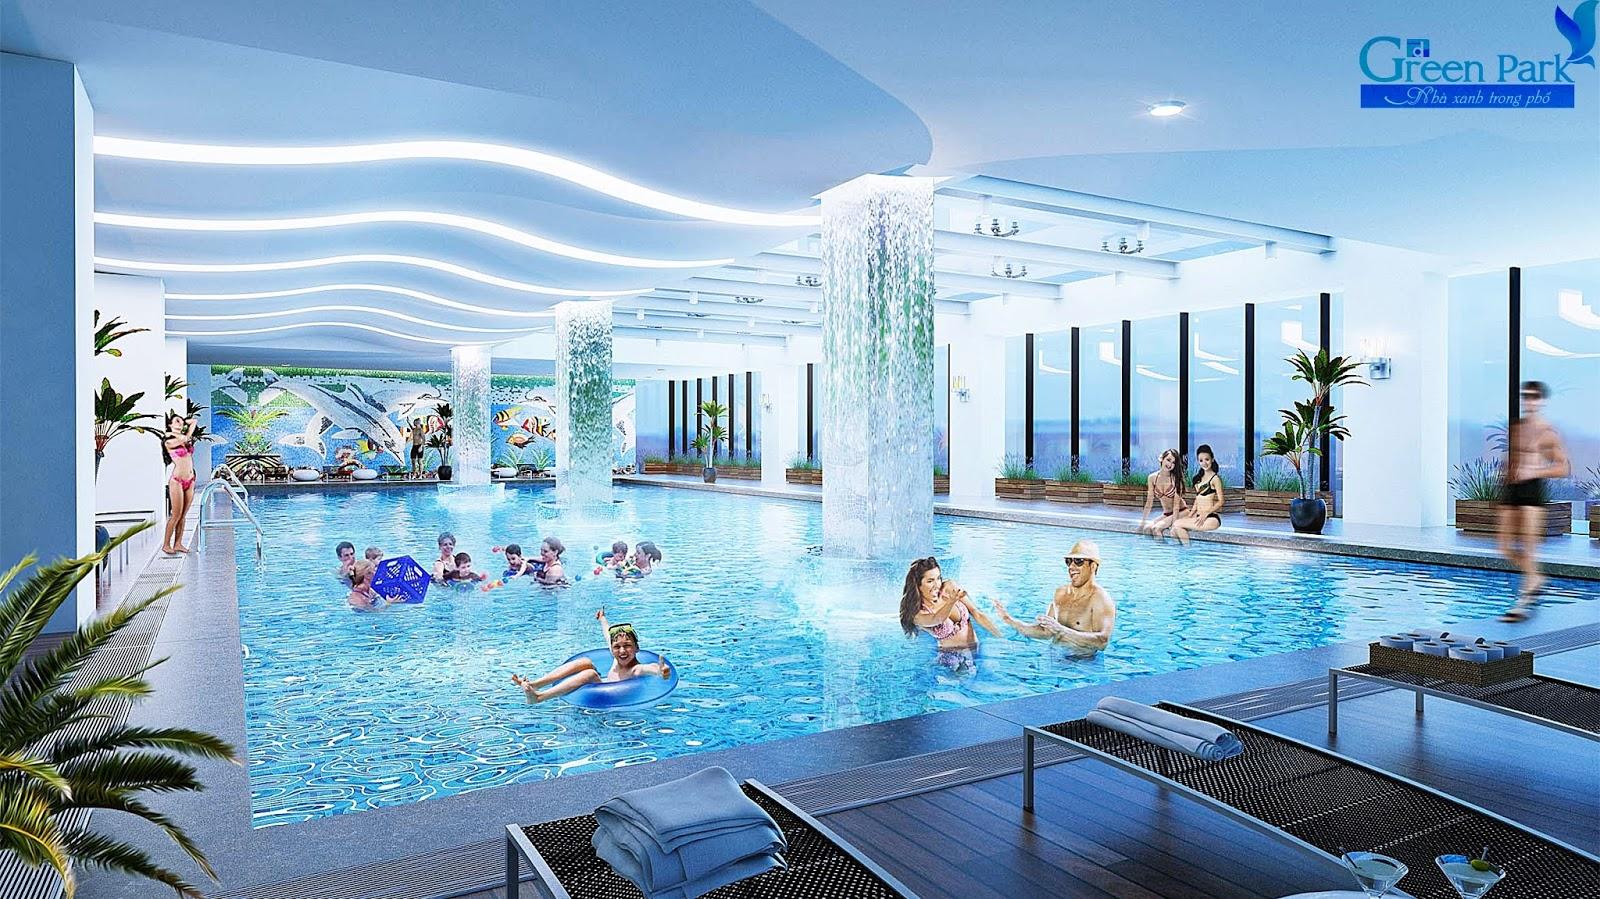 Bể bơi trong nhà dự án Phương Đông Green Park